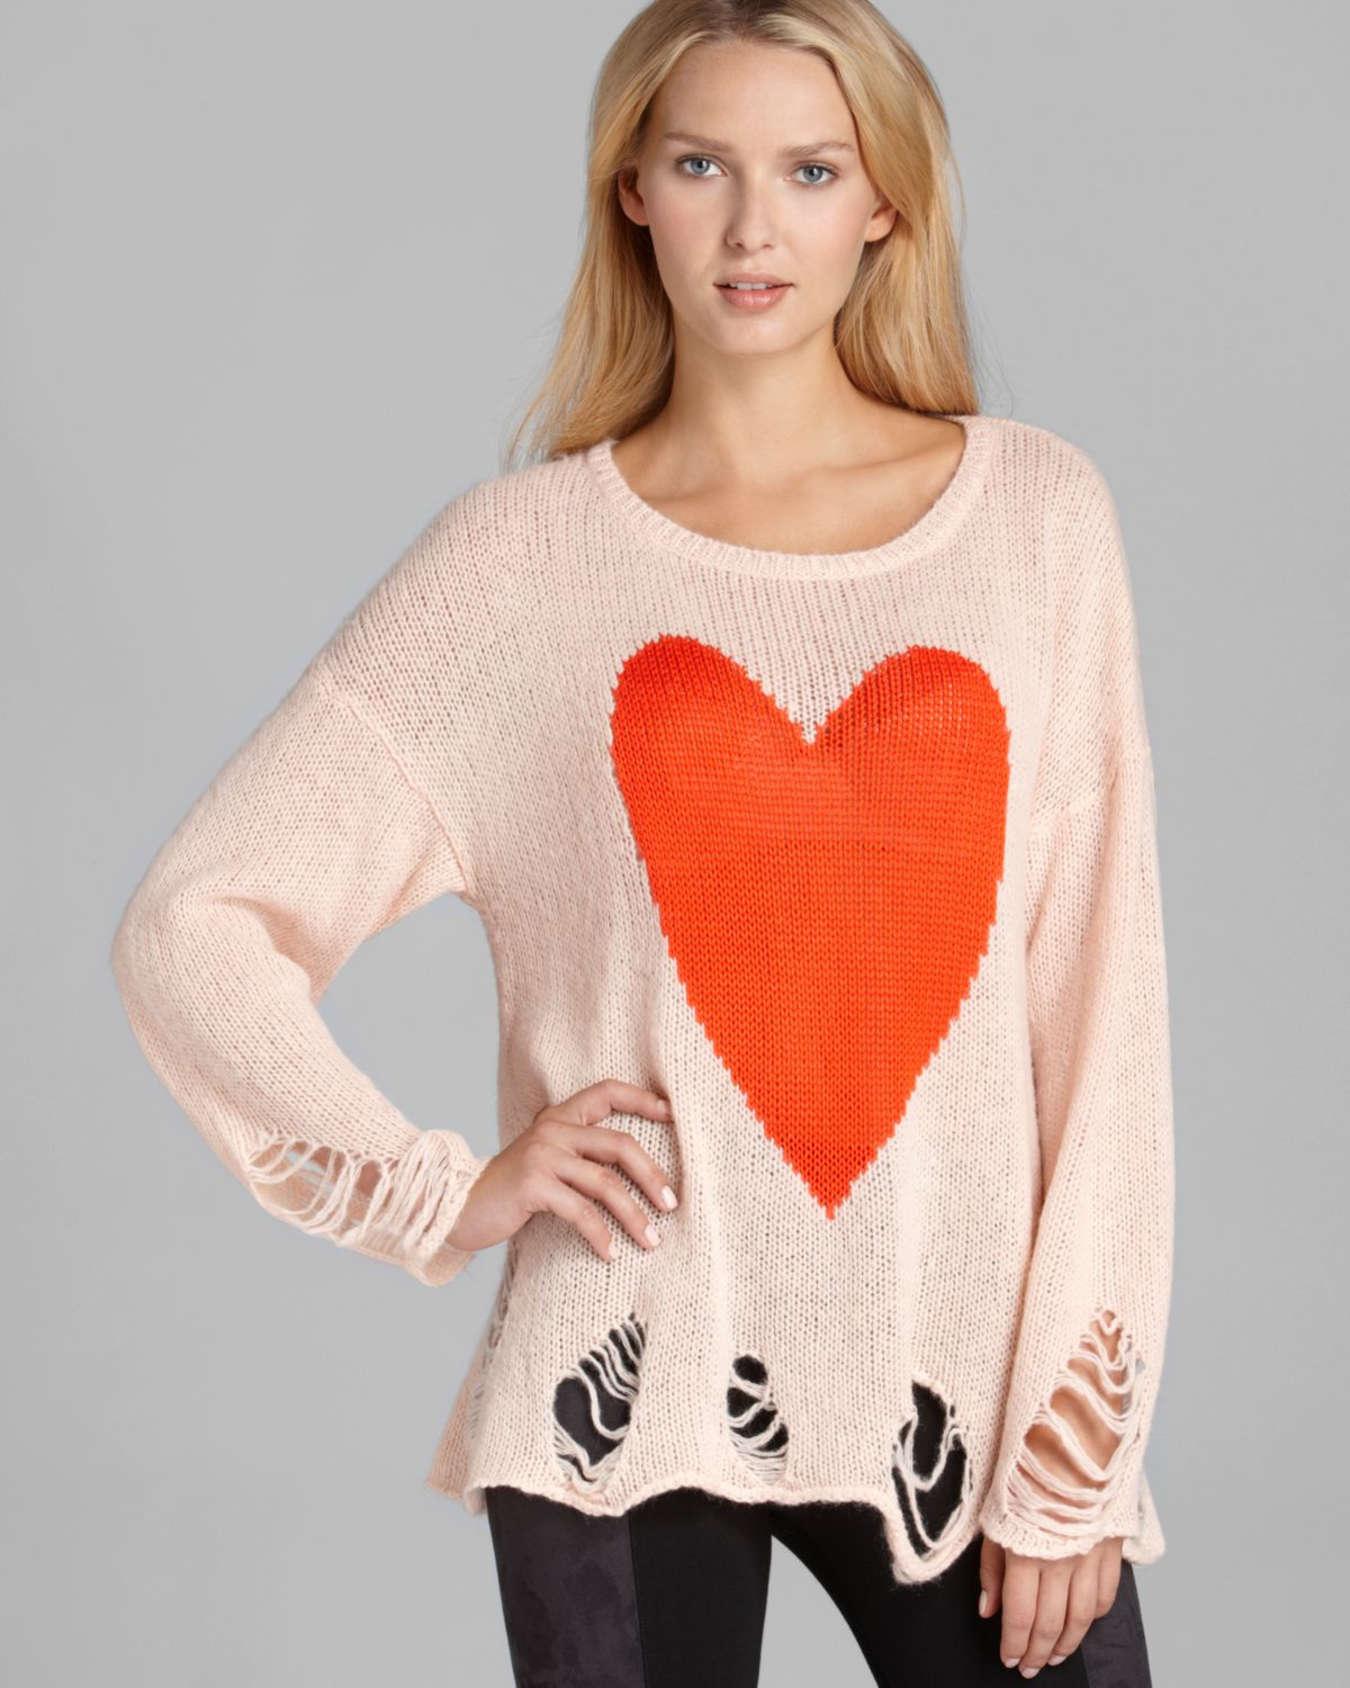 пуловер с сердечками описание